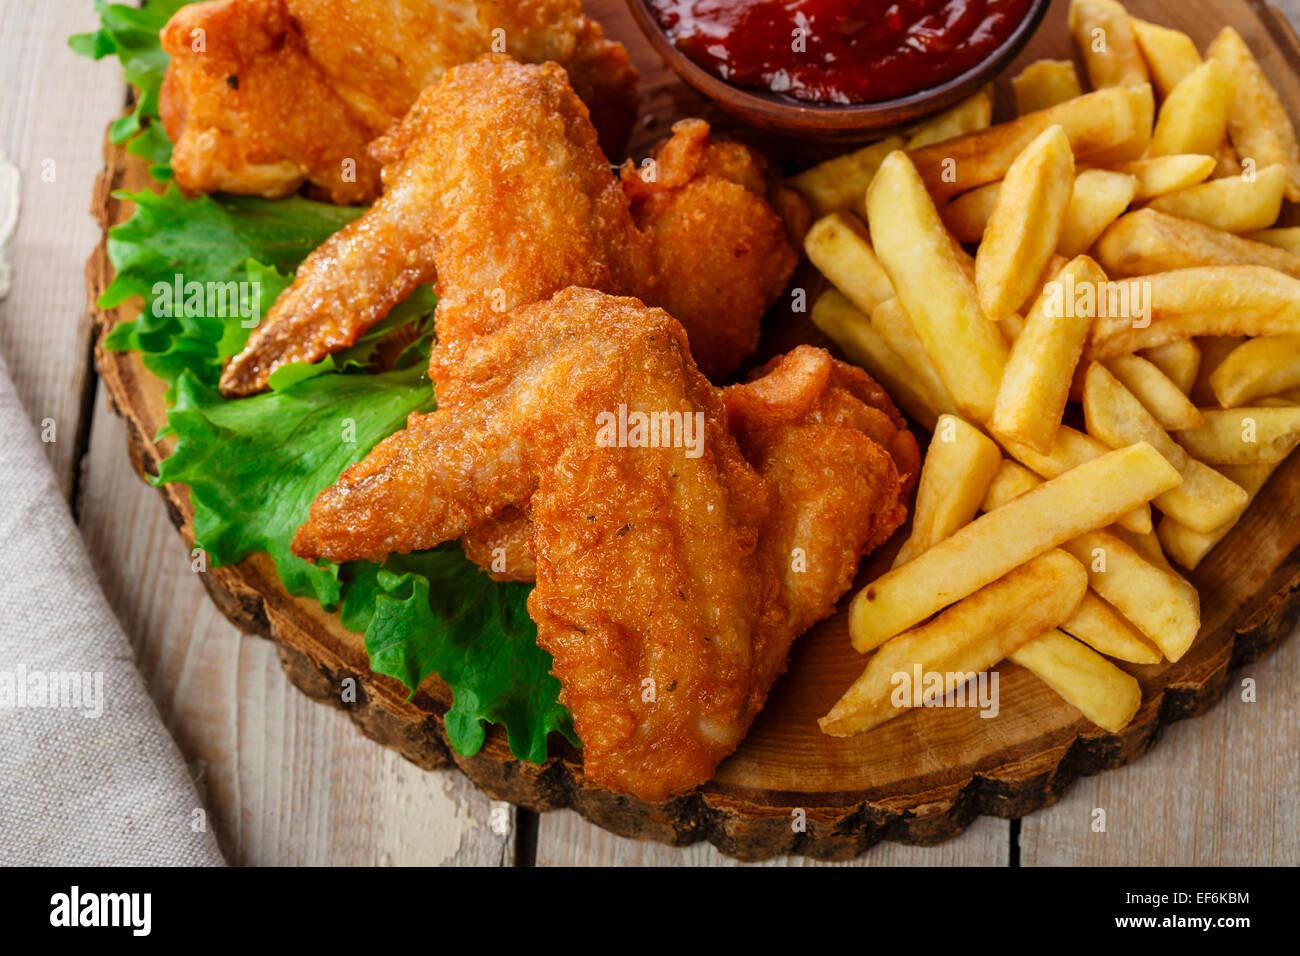 Ailes de poulet frit avec sauce et frites Photo Stock